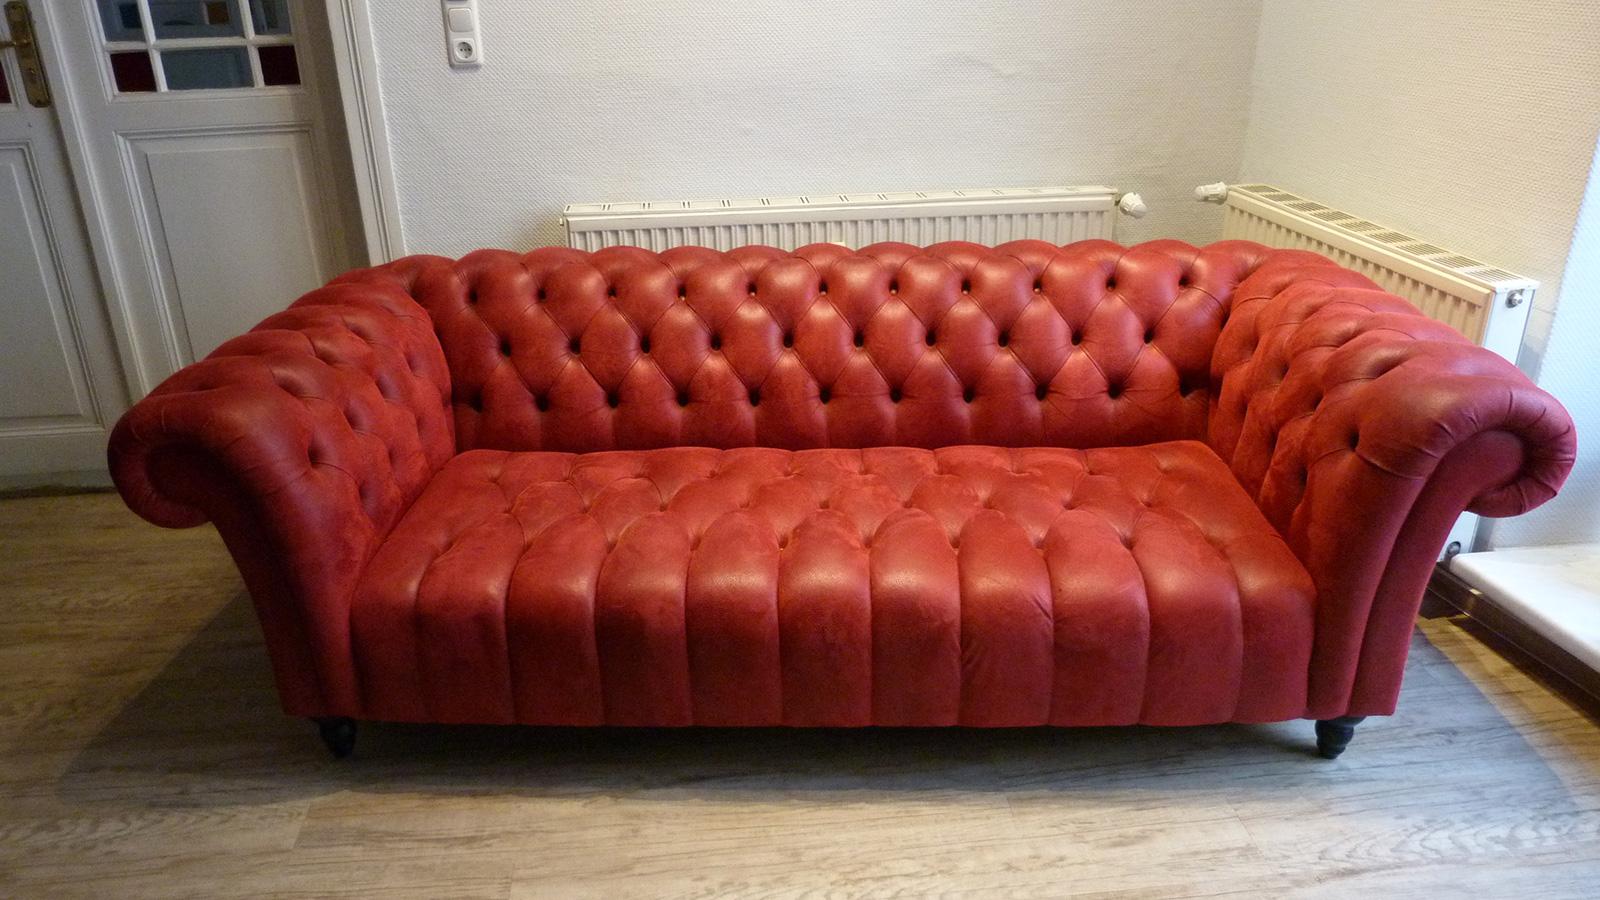 salon fristyler wismar wir in wismarsalon fristyler wismar wir in wismar. Black Bedroom Furniture Sets. Home Design Ideas